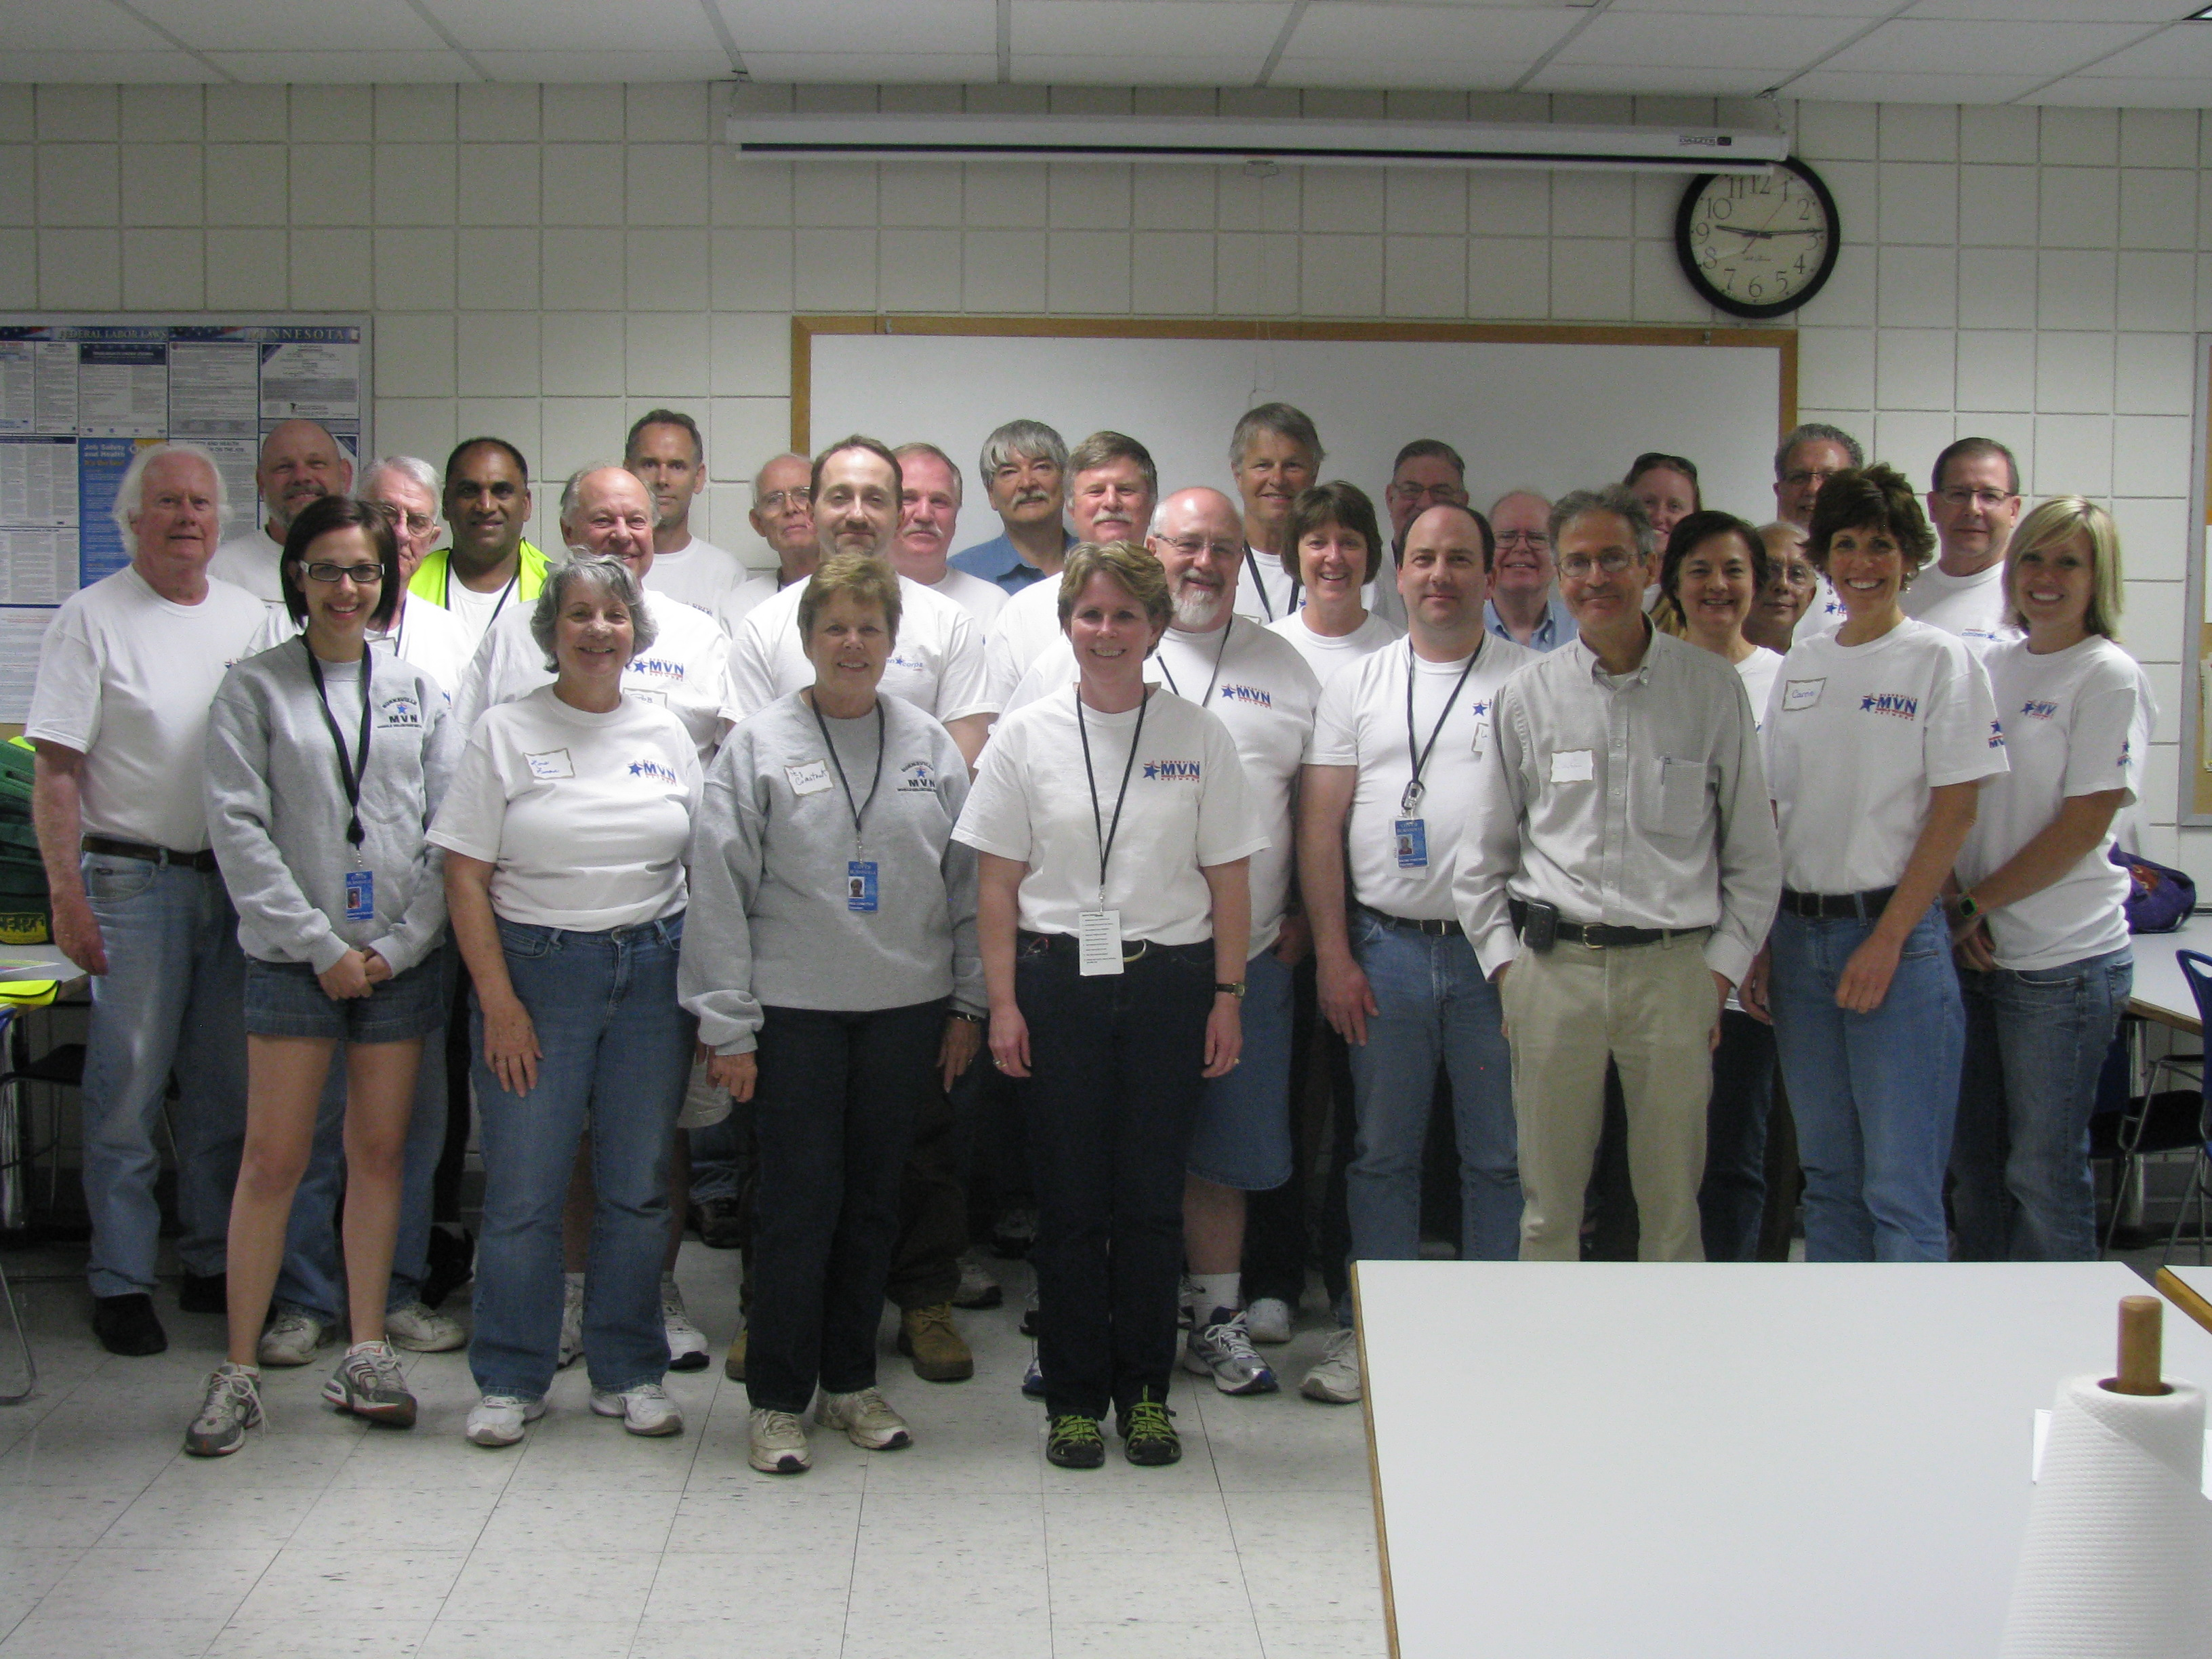 2012 MVN Members